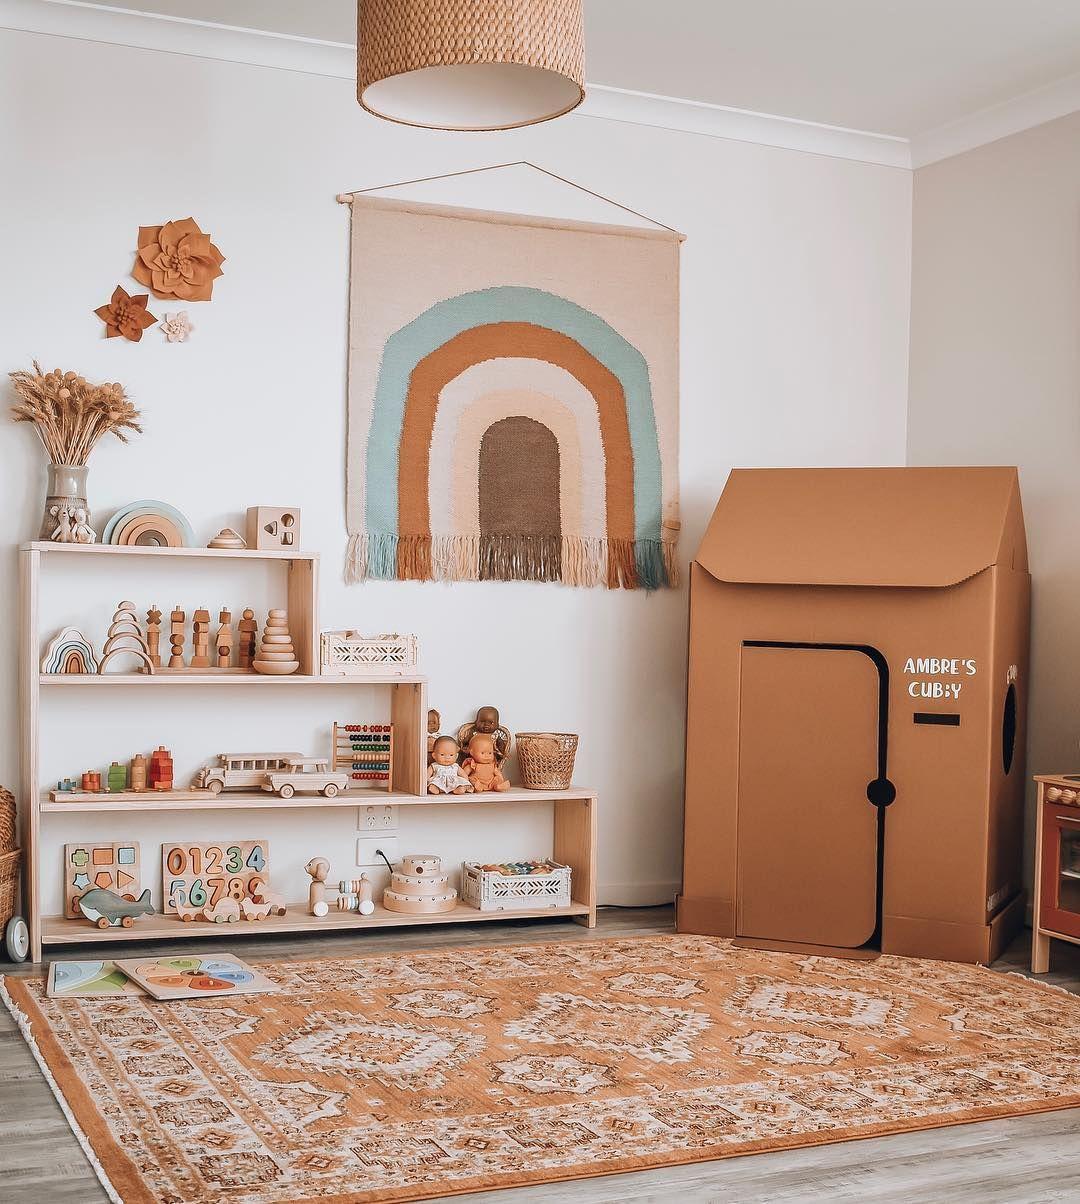 nursery, grey floor, brown patterned rug, brown tent, wooden shelves